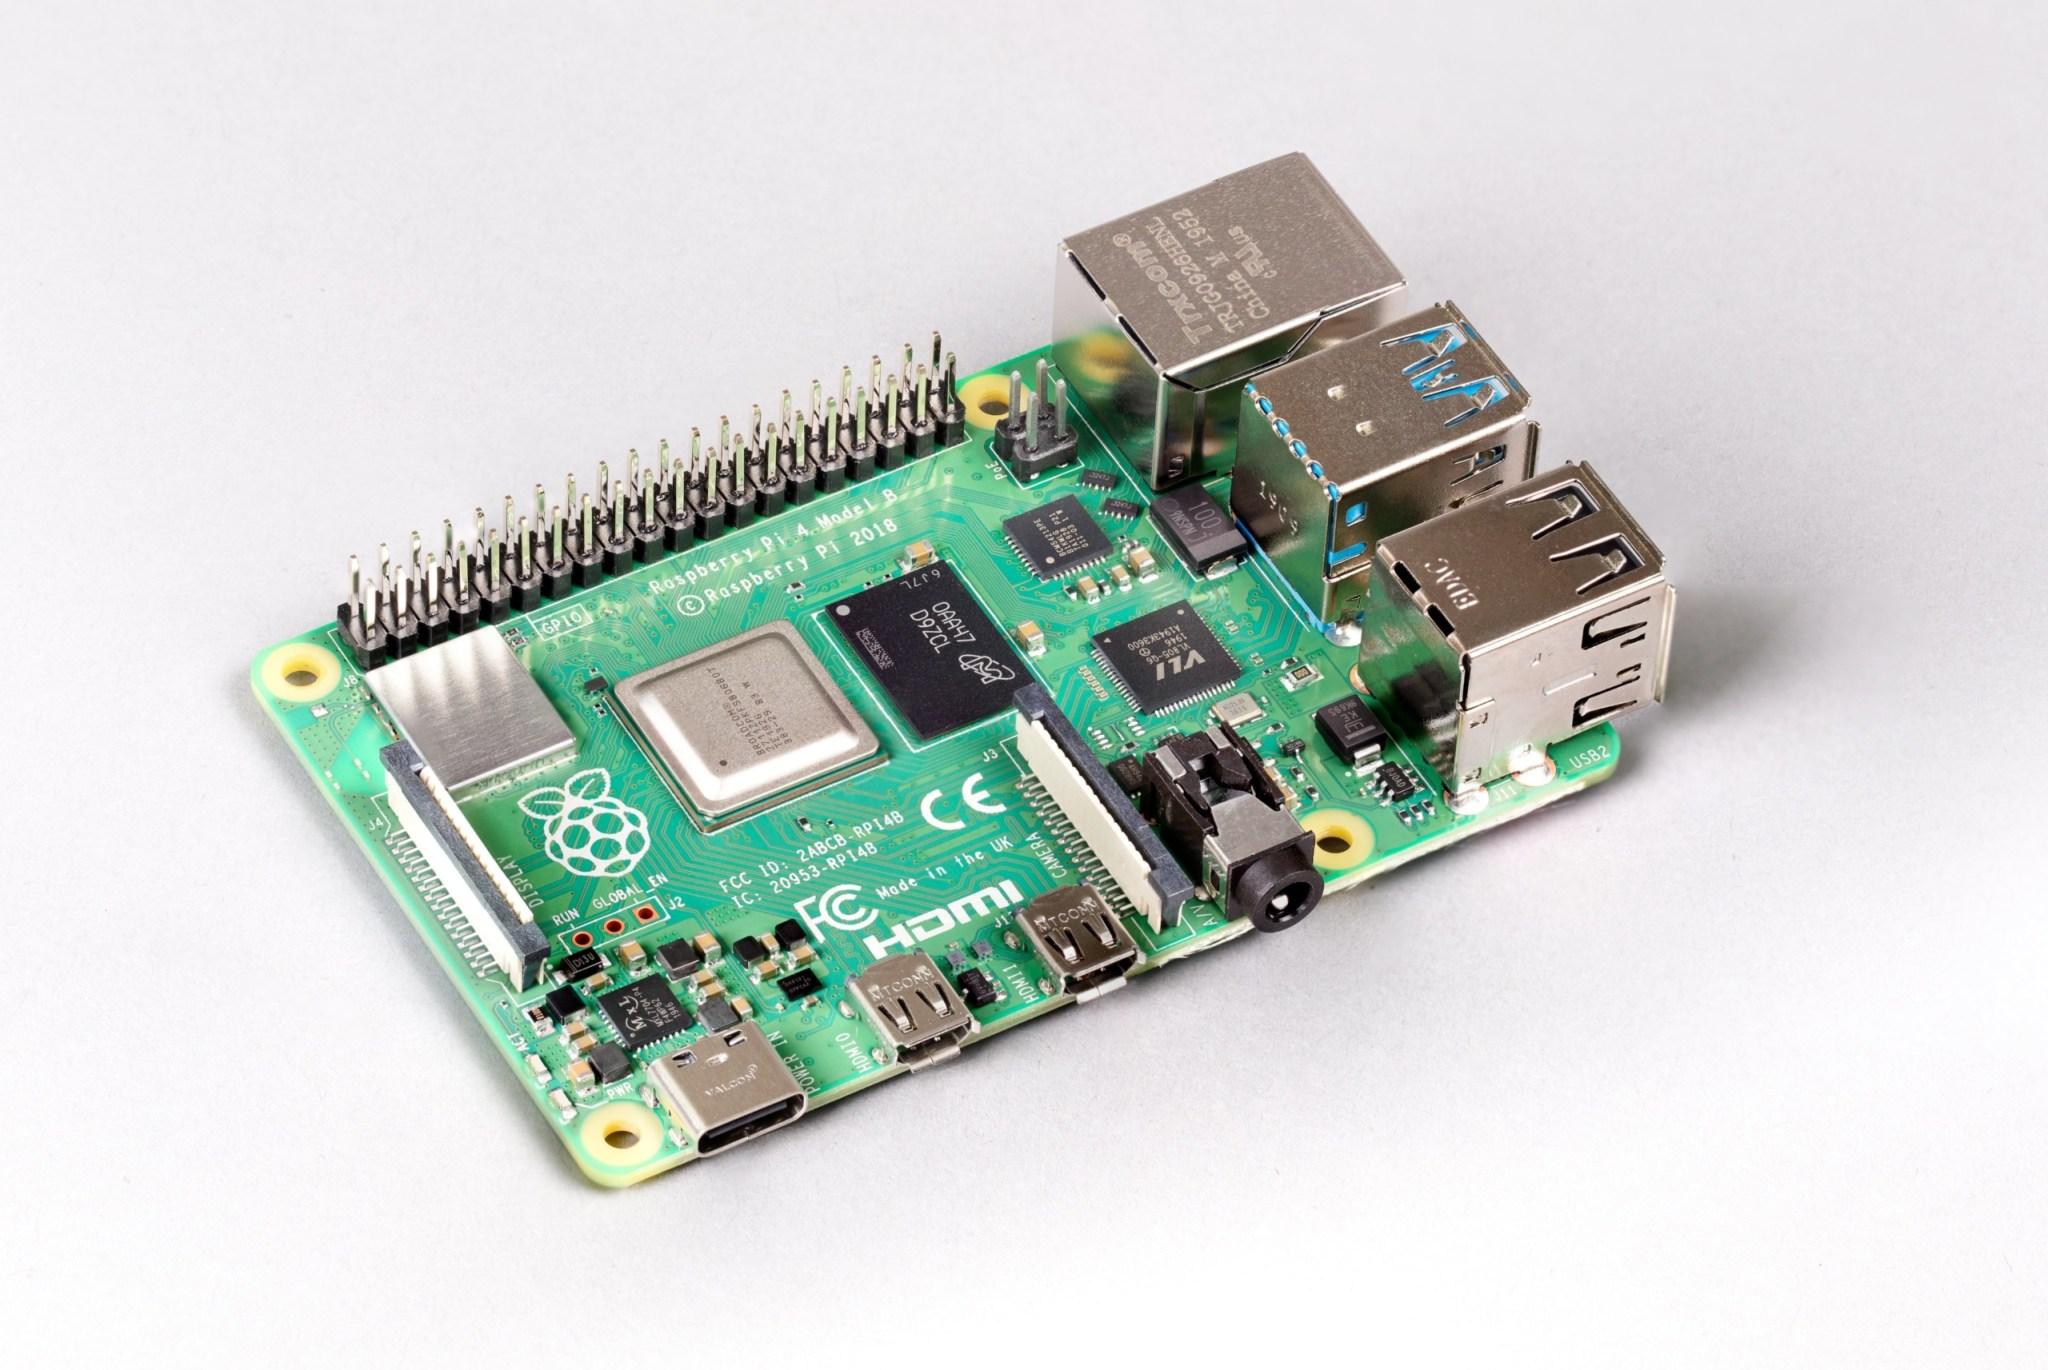 Одноплатный ПК Raspberry Pi 4 теперь доступен в версии с 8 ГБ ОЗУ -- $75 height=1712.5